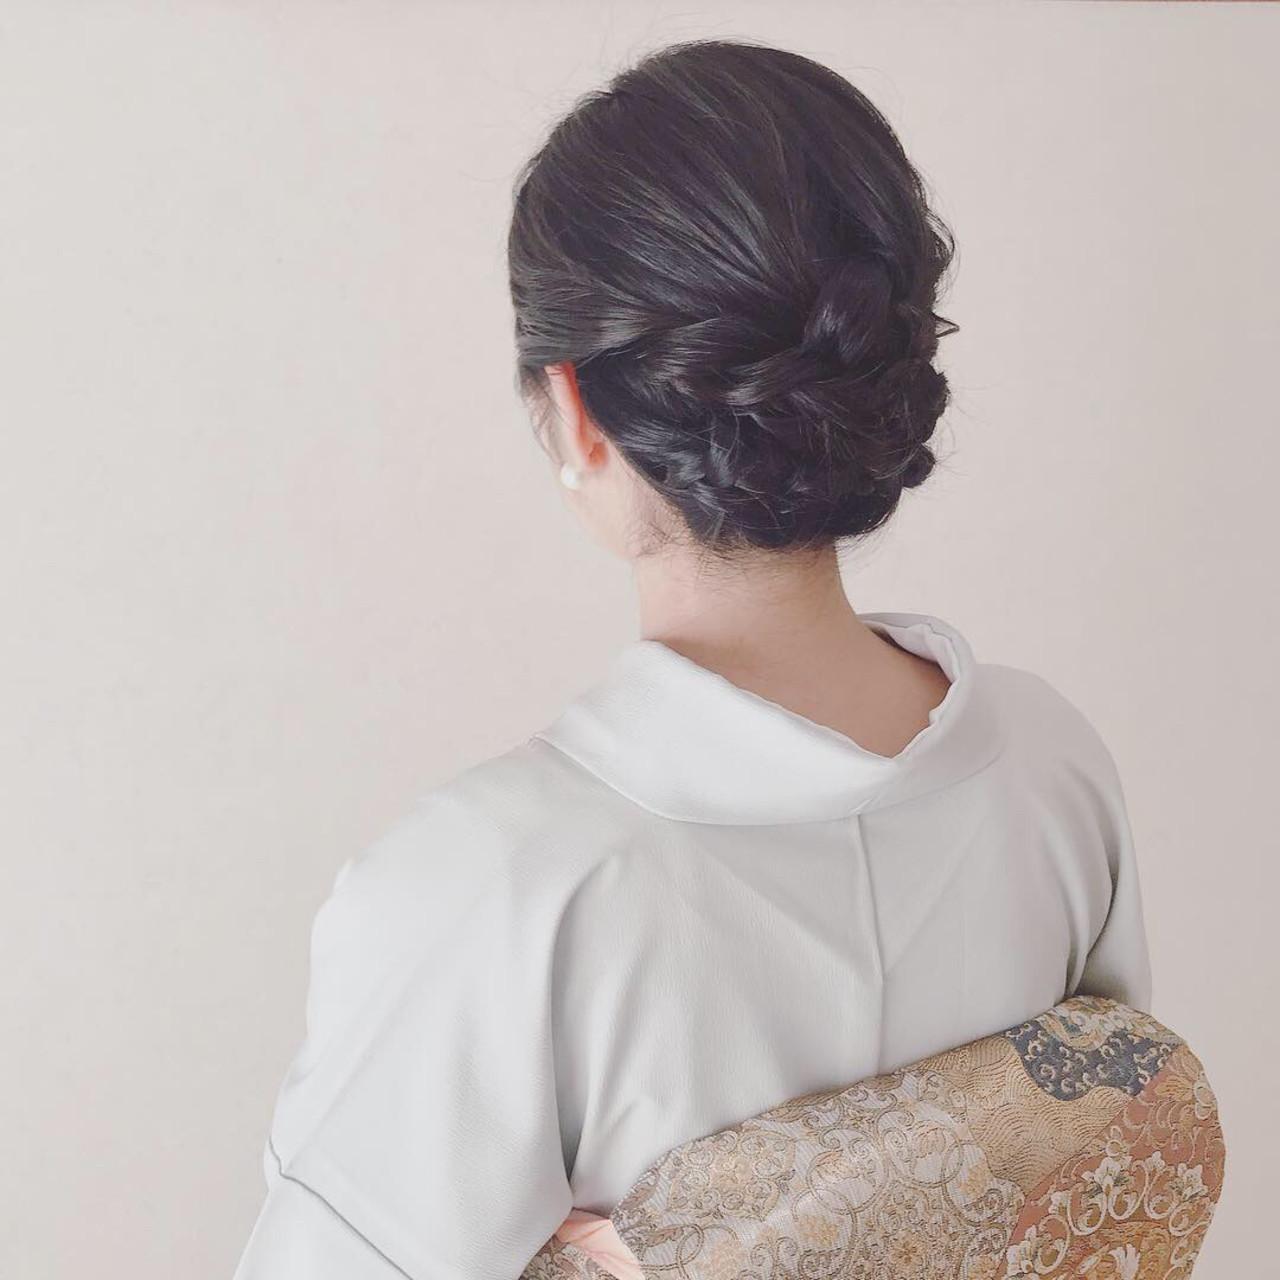 ミディアム 結婚式 着物 上品 ヘアスタイルや髪型の写真・画像